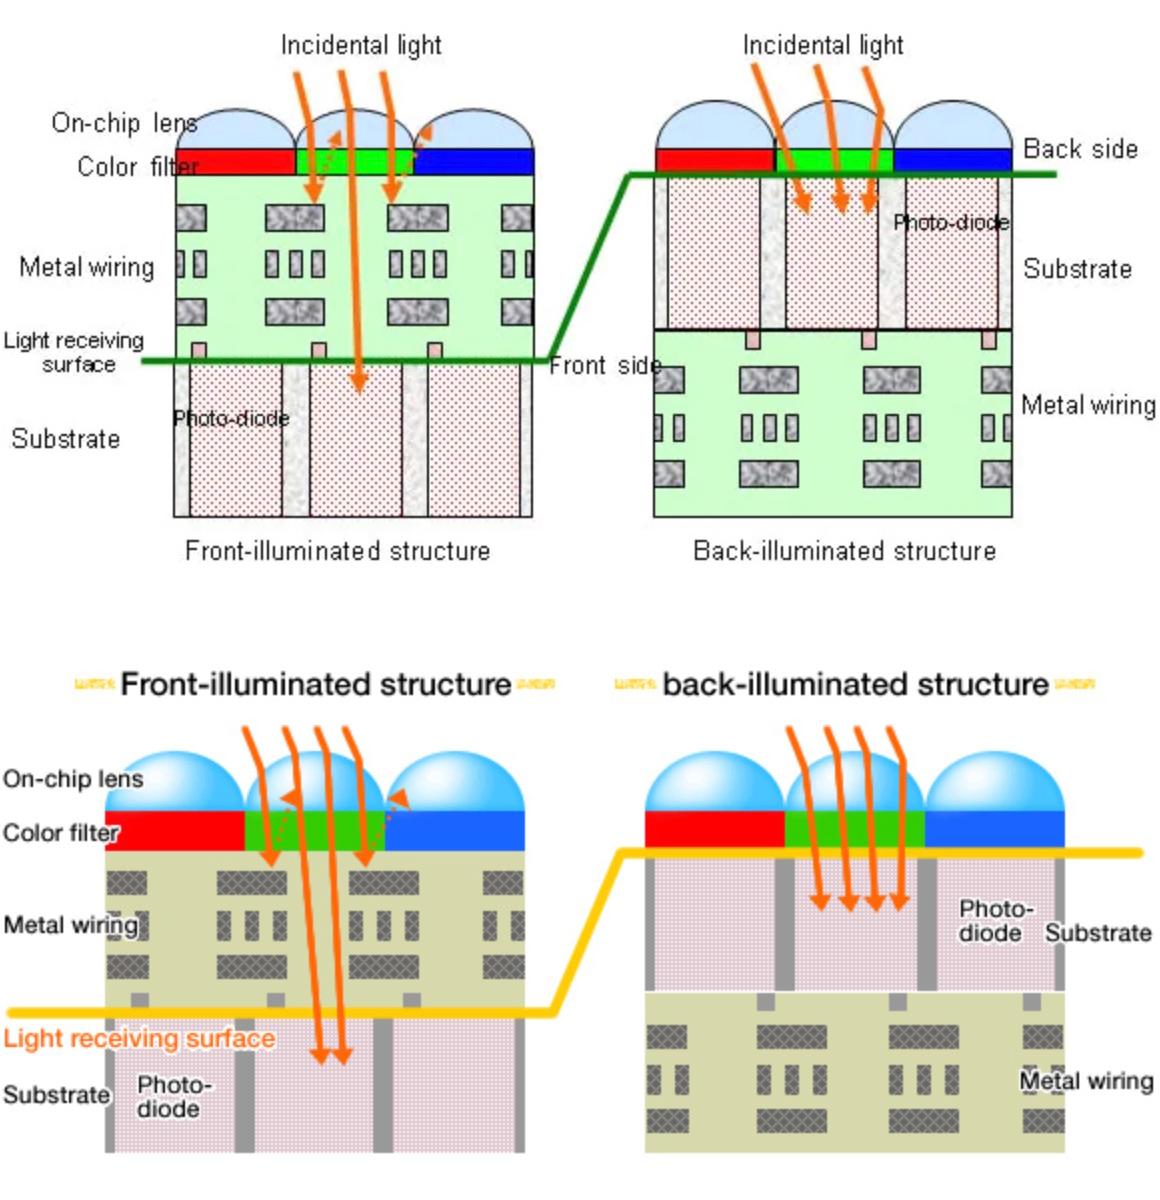 FSI CMOS vs. BSI CMOS